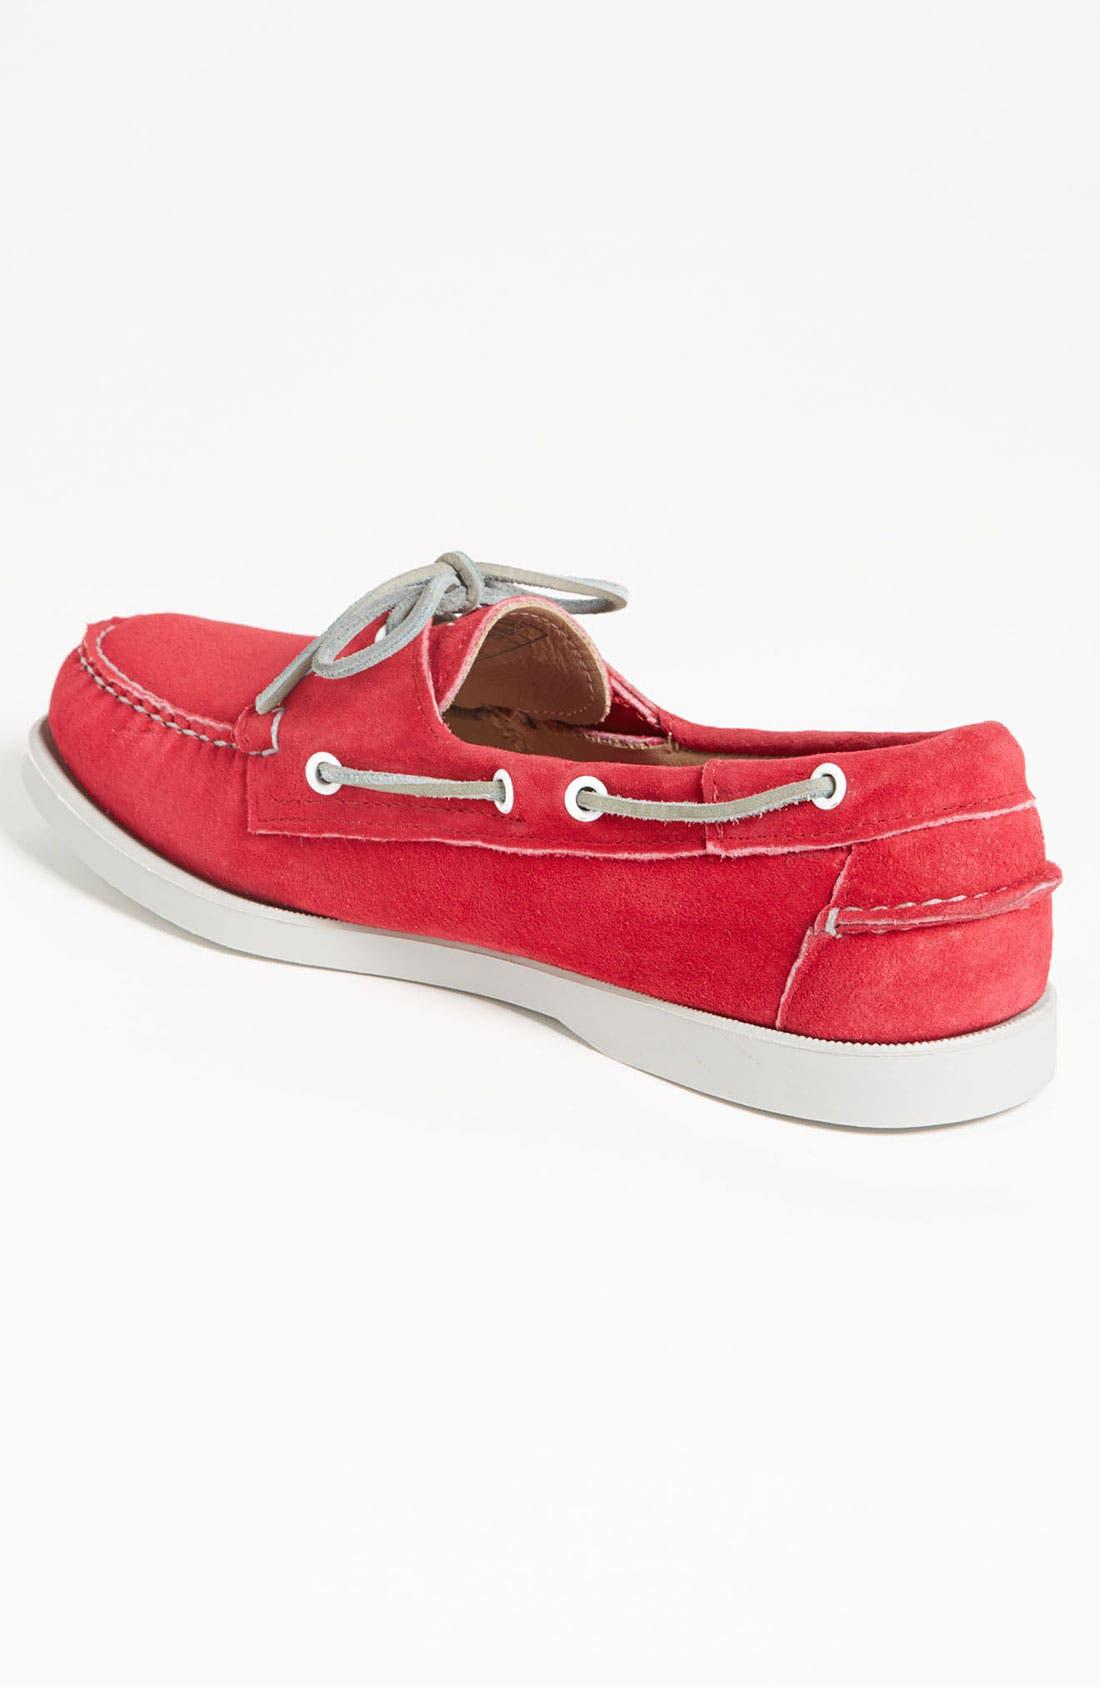 Alternate Image 2  - Sebago 'Docksides®' Suede Boat Shoe